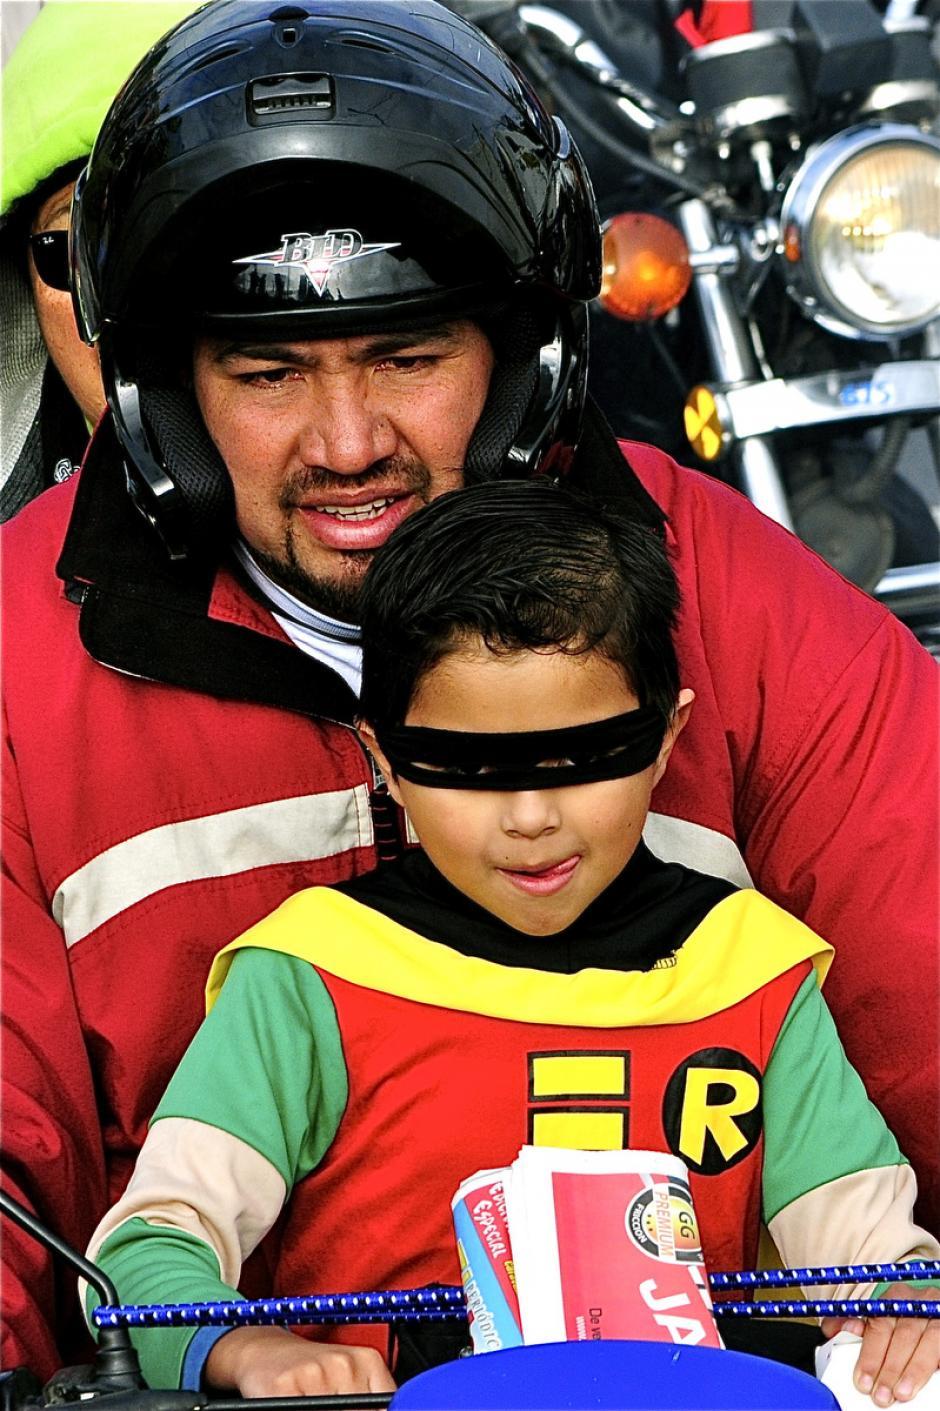 Los niños piden un disfraz de su personaje favorito. (Foto: Deccio Serrano).